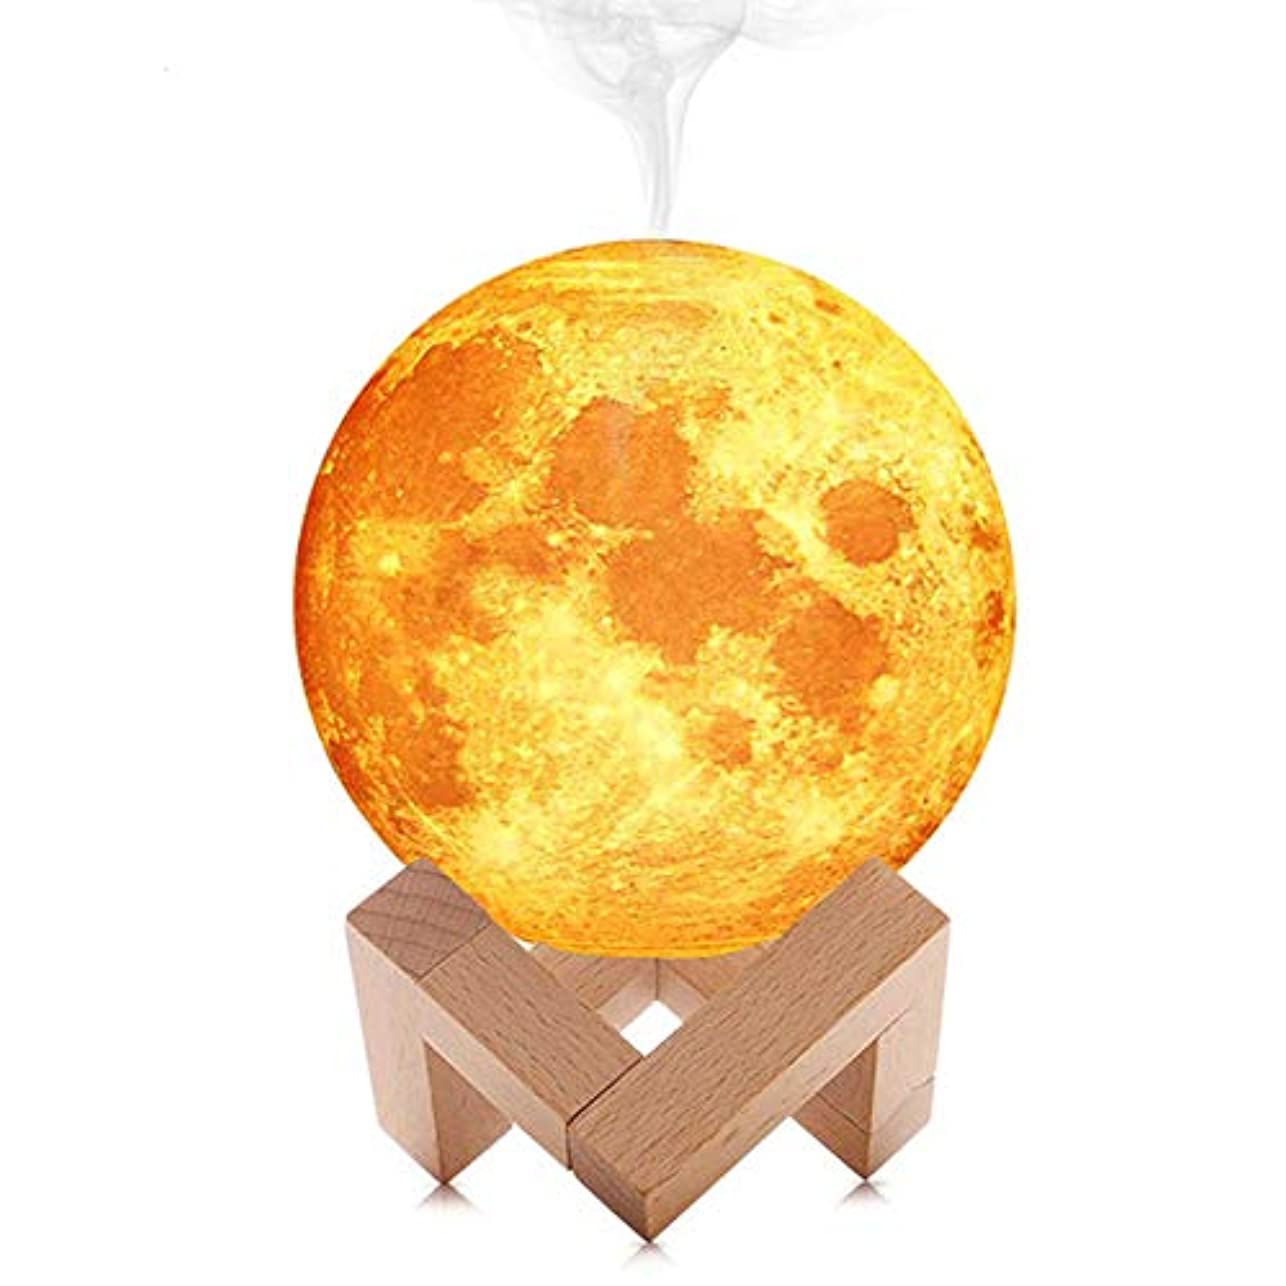 弾丸ゆりかごスロットBarbella Air Humidifier 3D Moon Lamp Light Diffuser Aroma Essential Oil USB Ultrasonic Humidificador Night Cool...